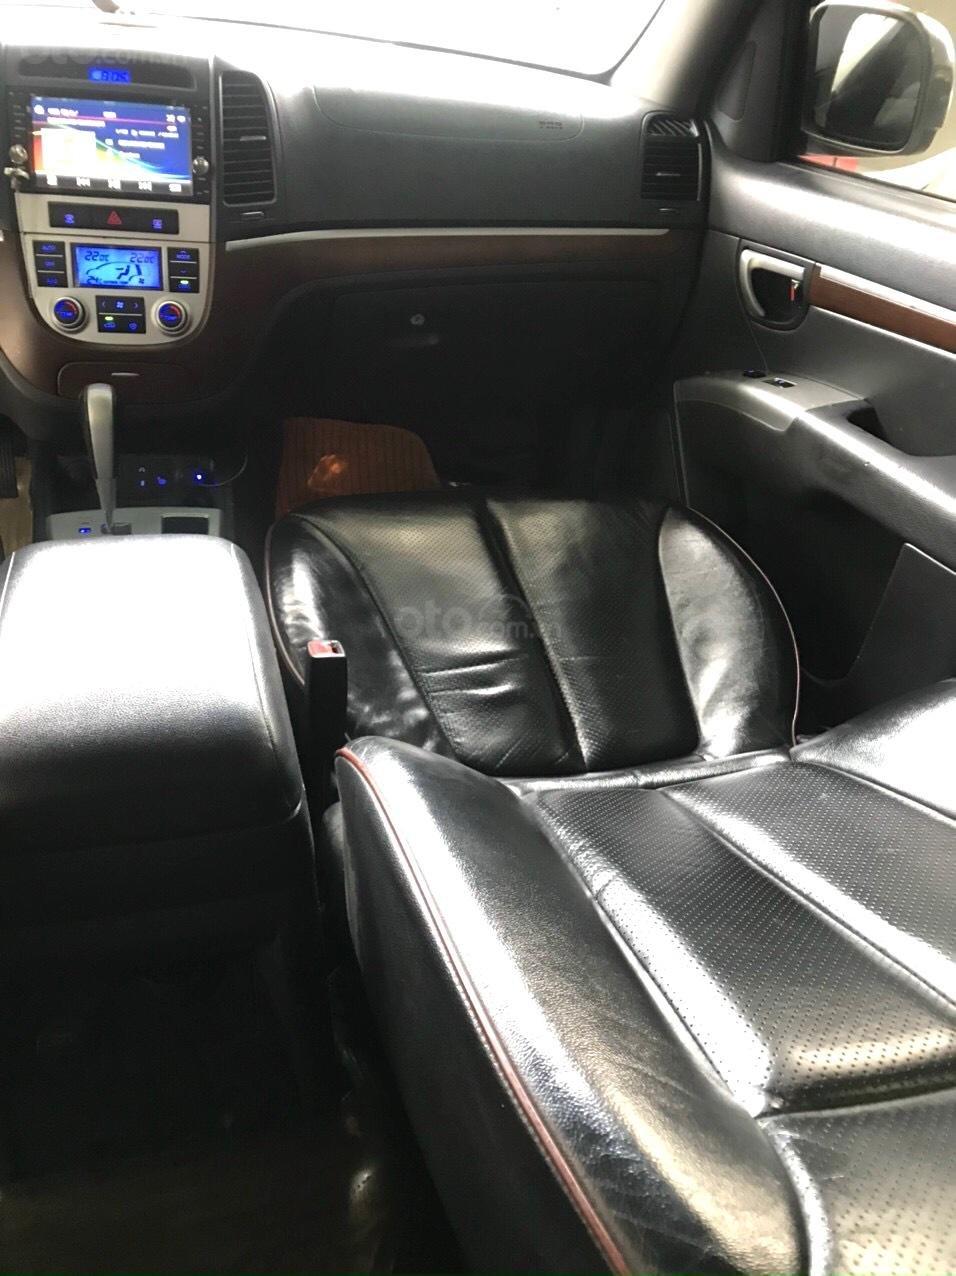 Bán Hyundai Santa Fe sản xuất 2008 giá thương lượng, giá ưu đãi cho khách có thiện chí mua (7)